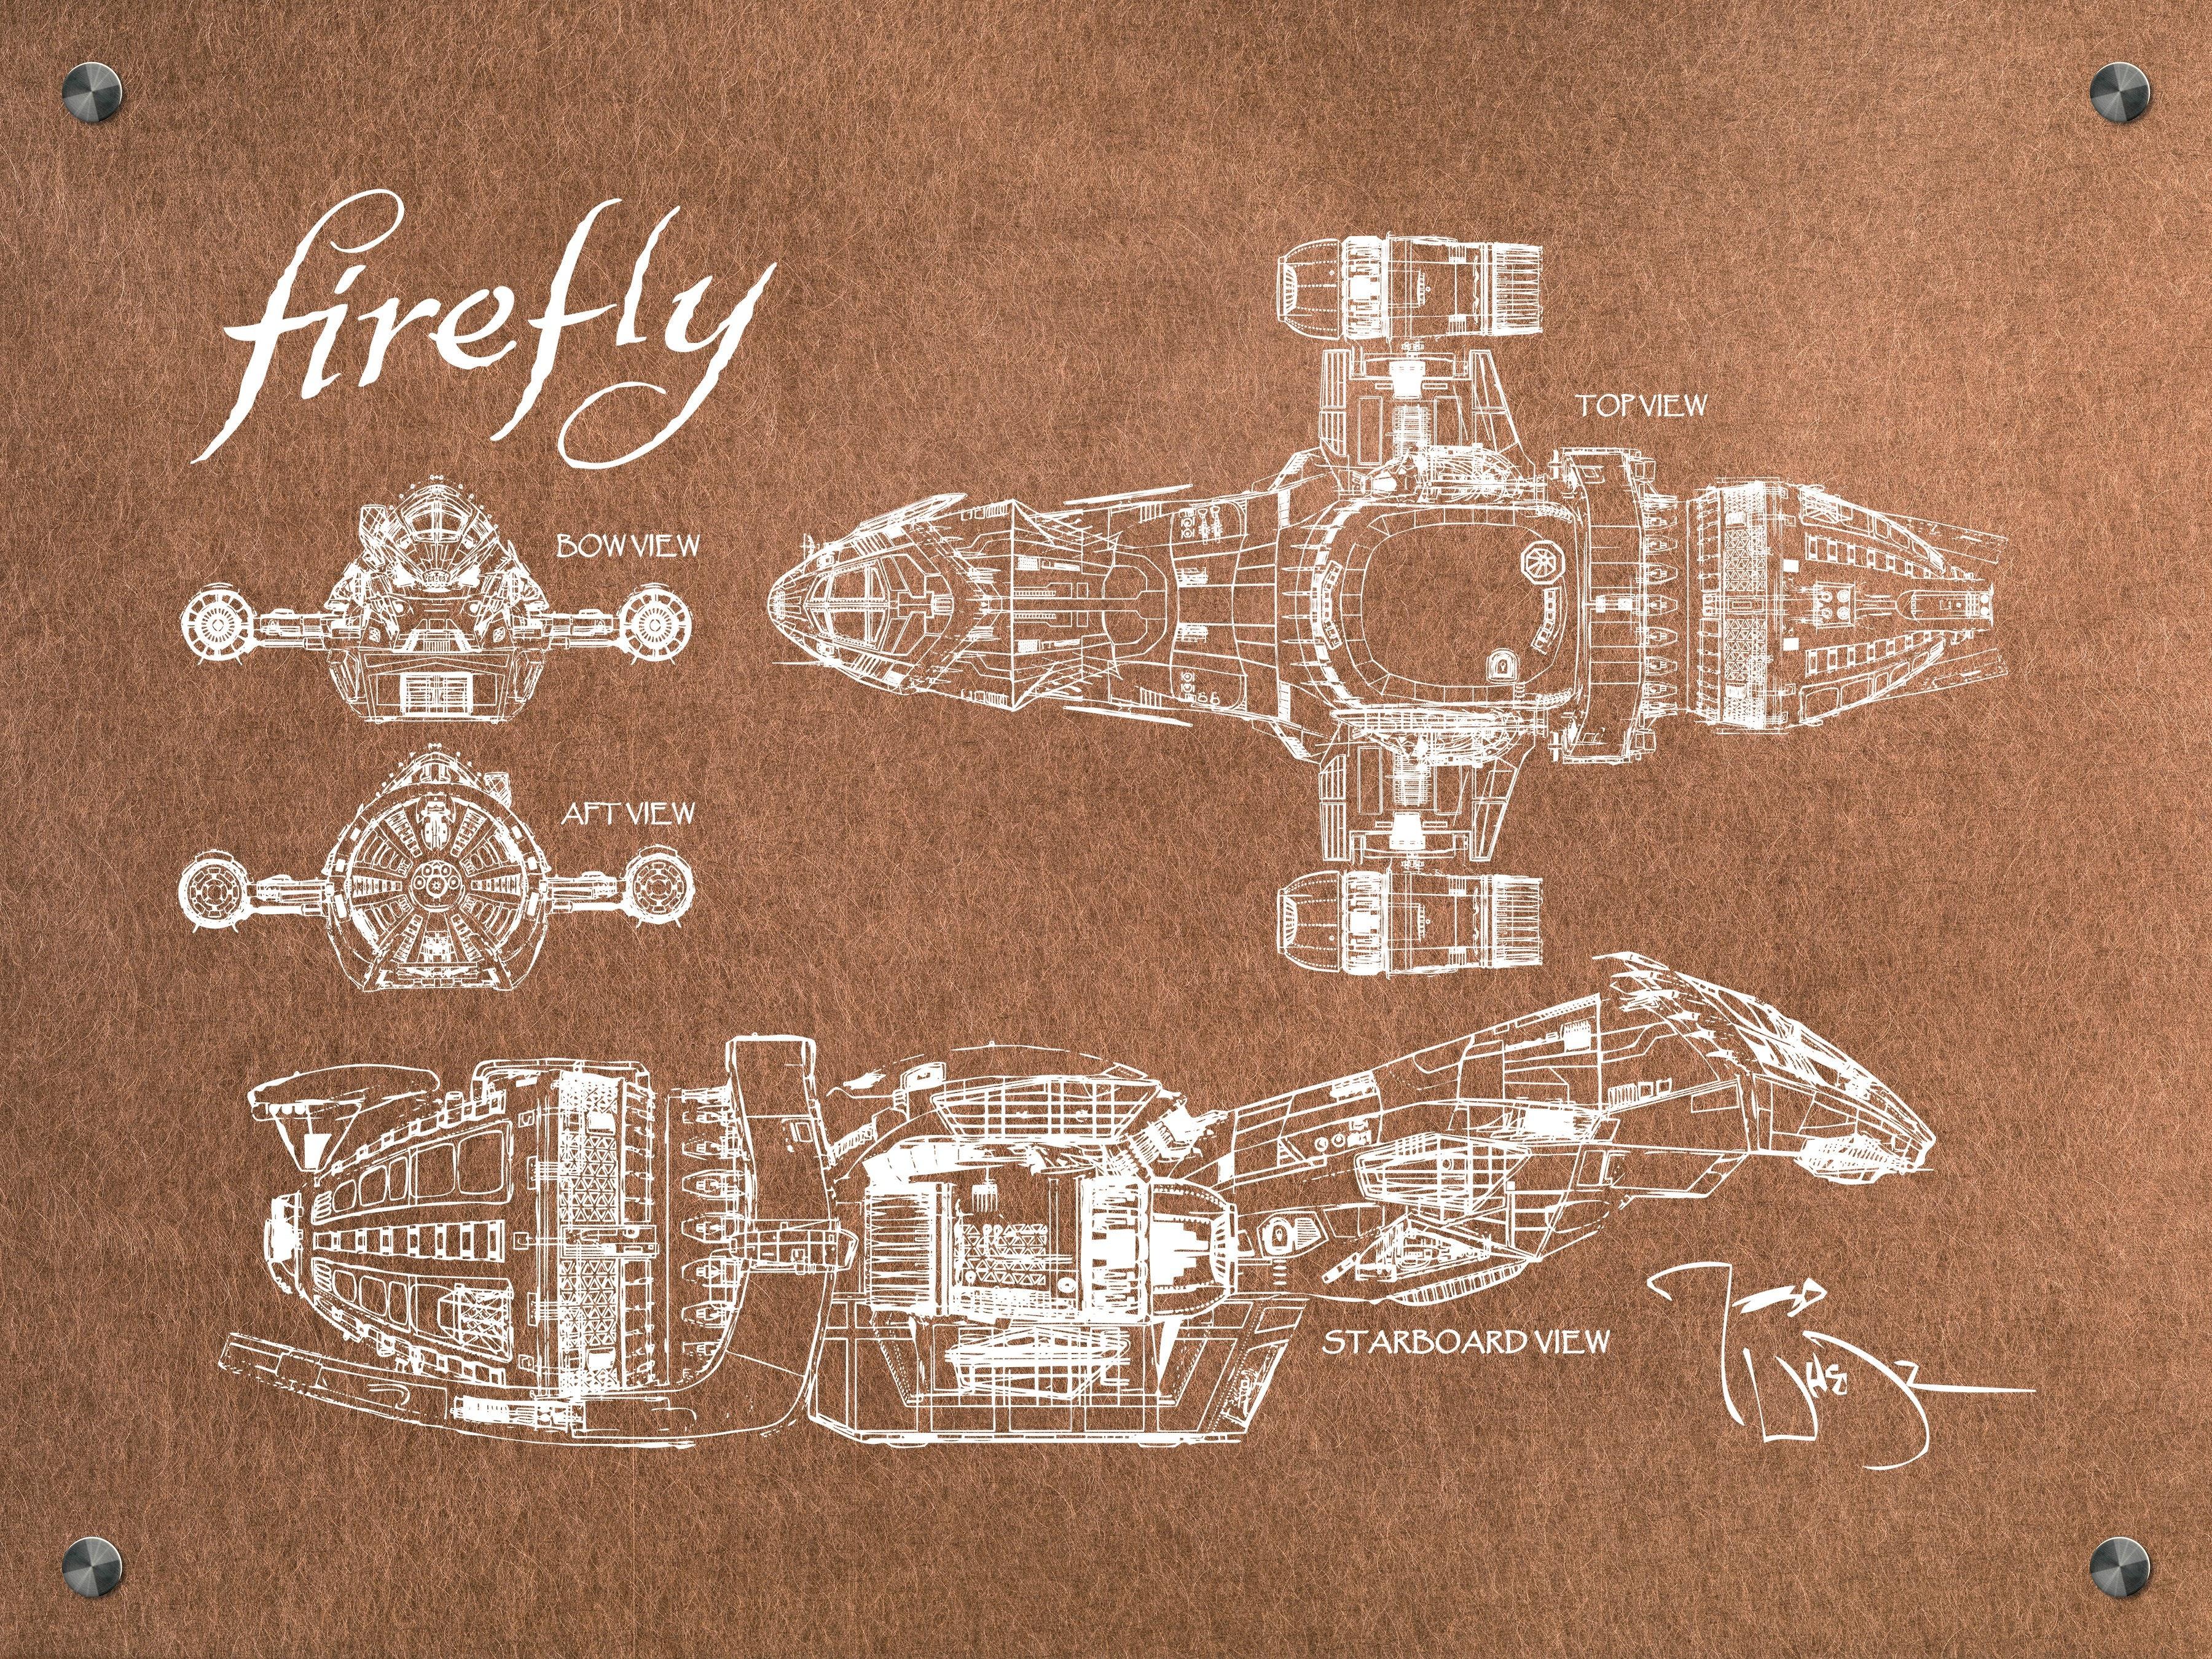 Firefly - Serenity (Landscape